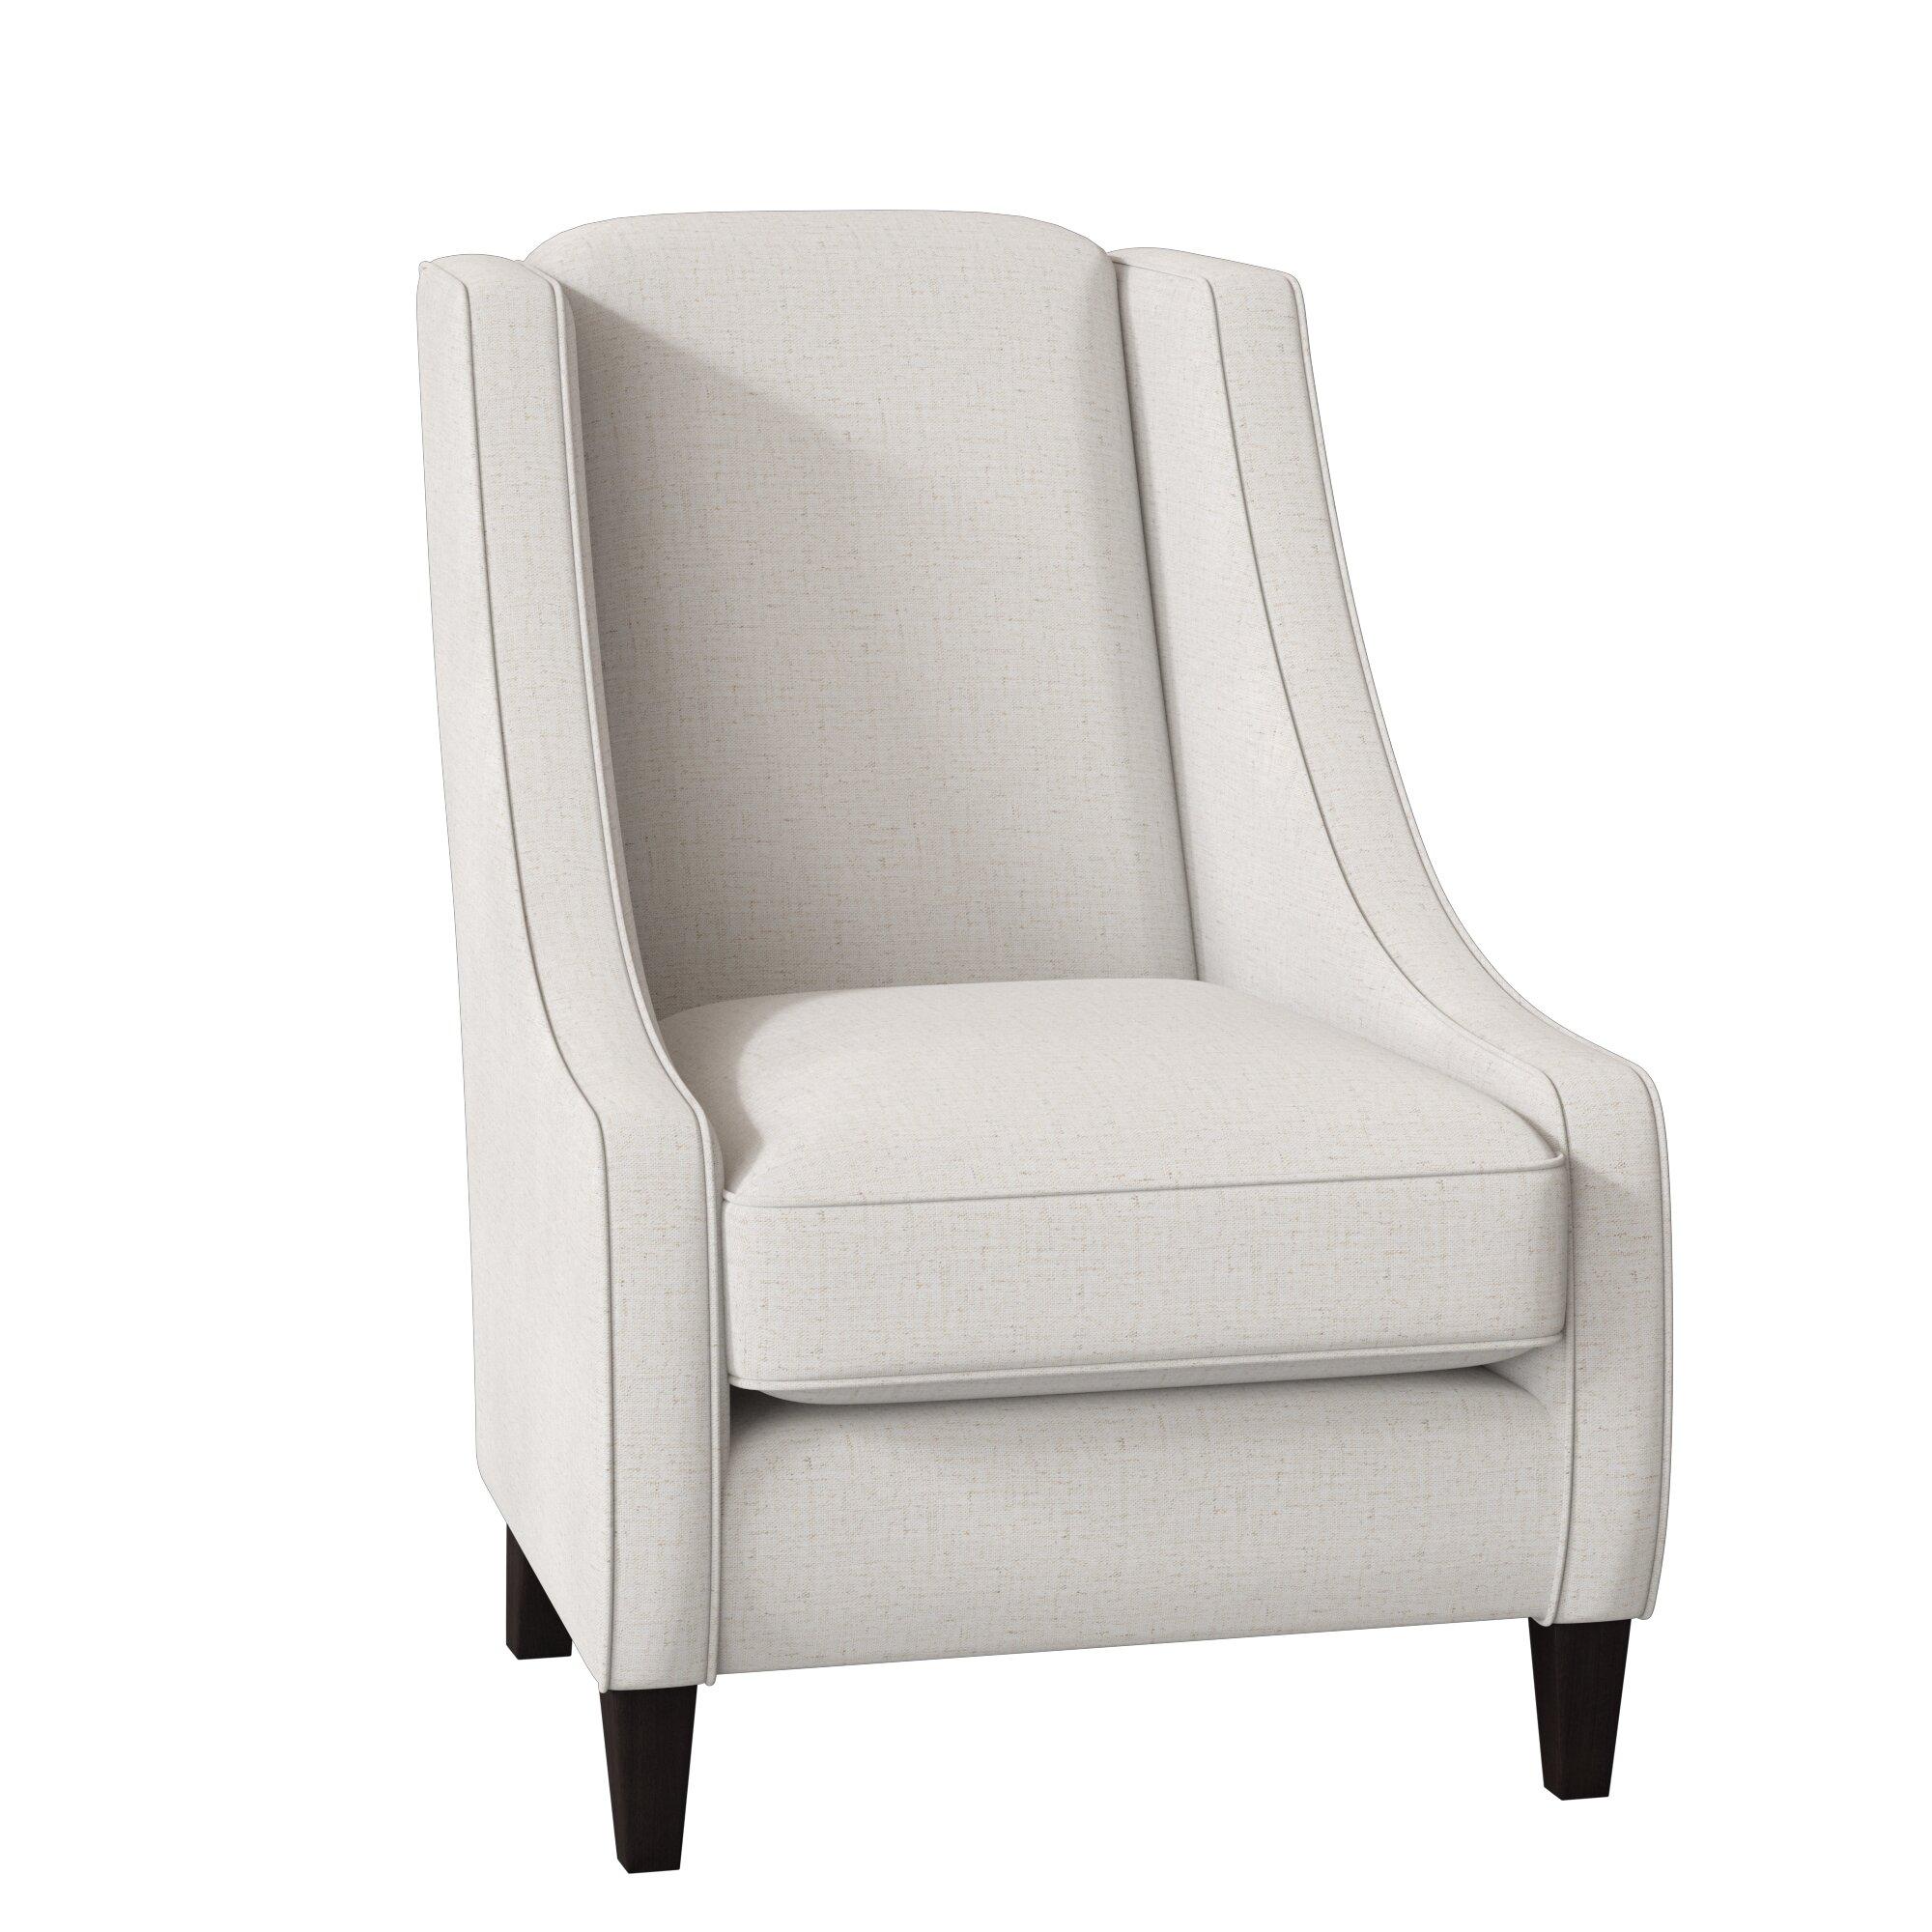 Gracie Oaks Jadon Wingback Chair Reviews Wayfair